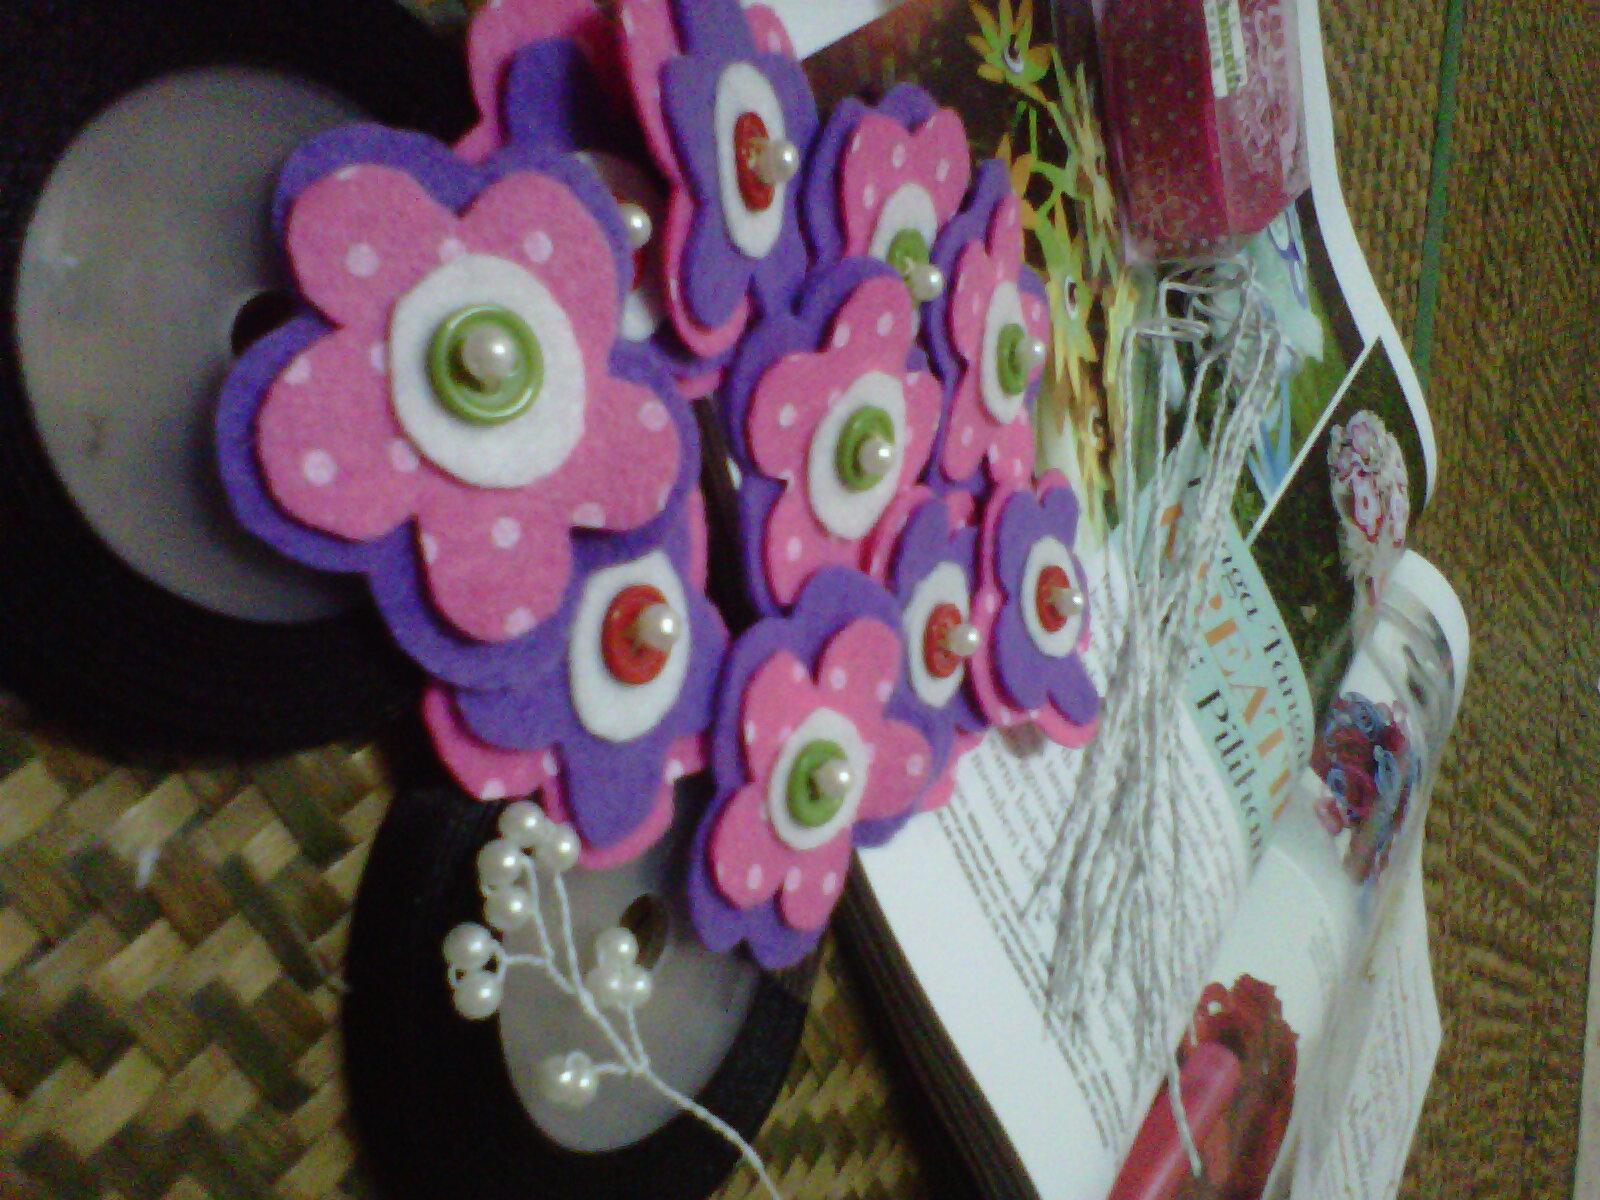 ... kain felt dengan bentuk pilihan anda.i suggest bentuk bunga atau bulat